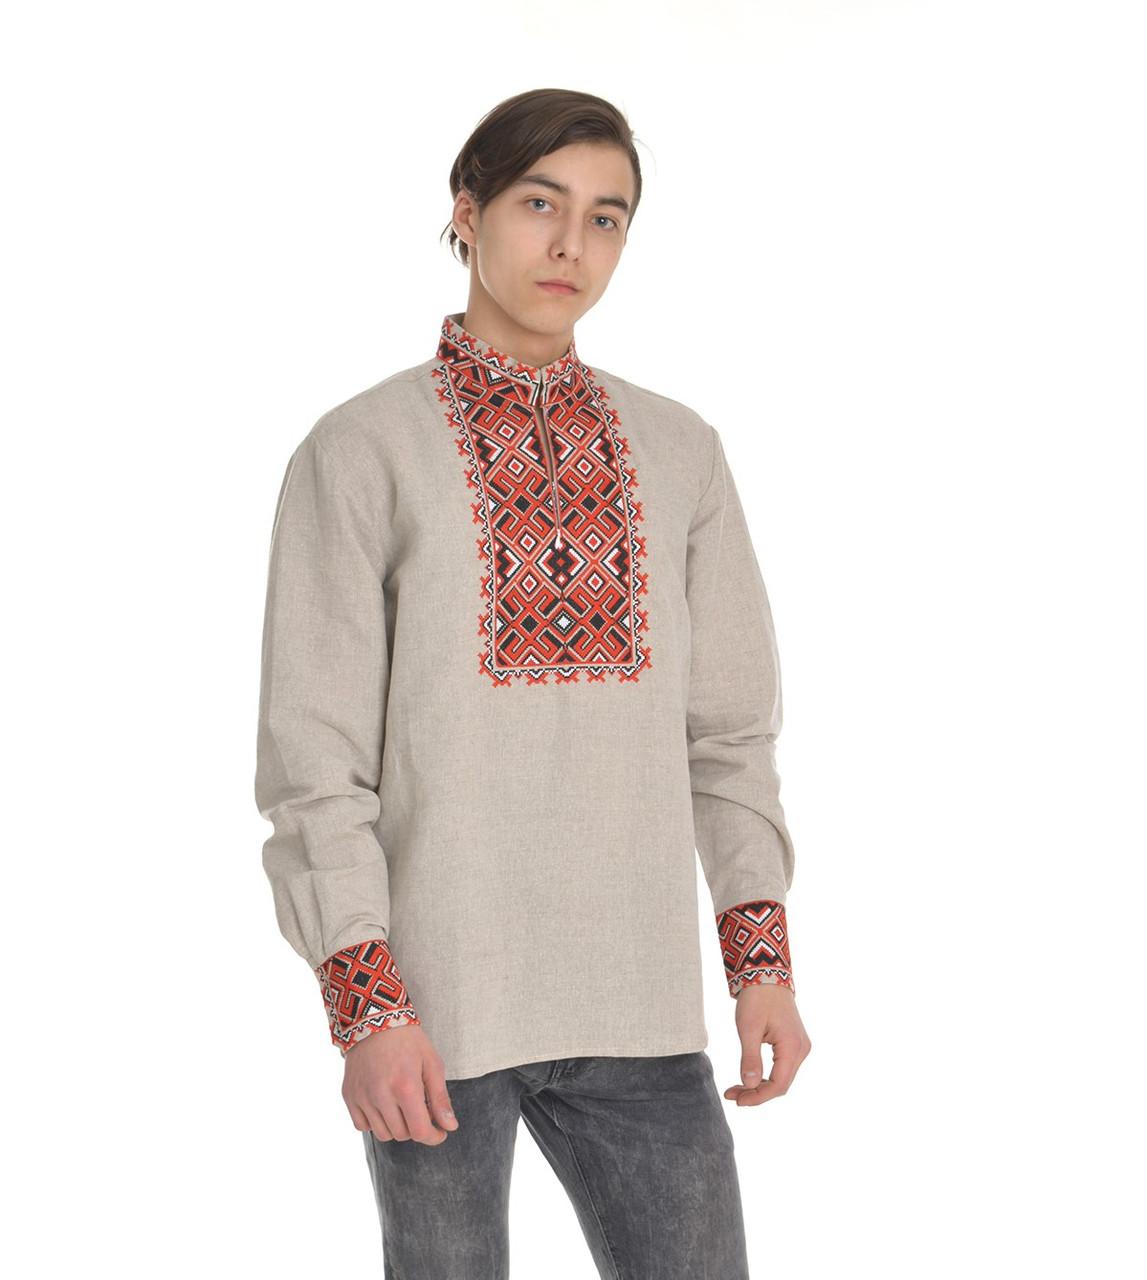 Мужская вышитая рубашка Атаман